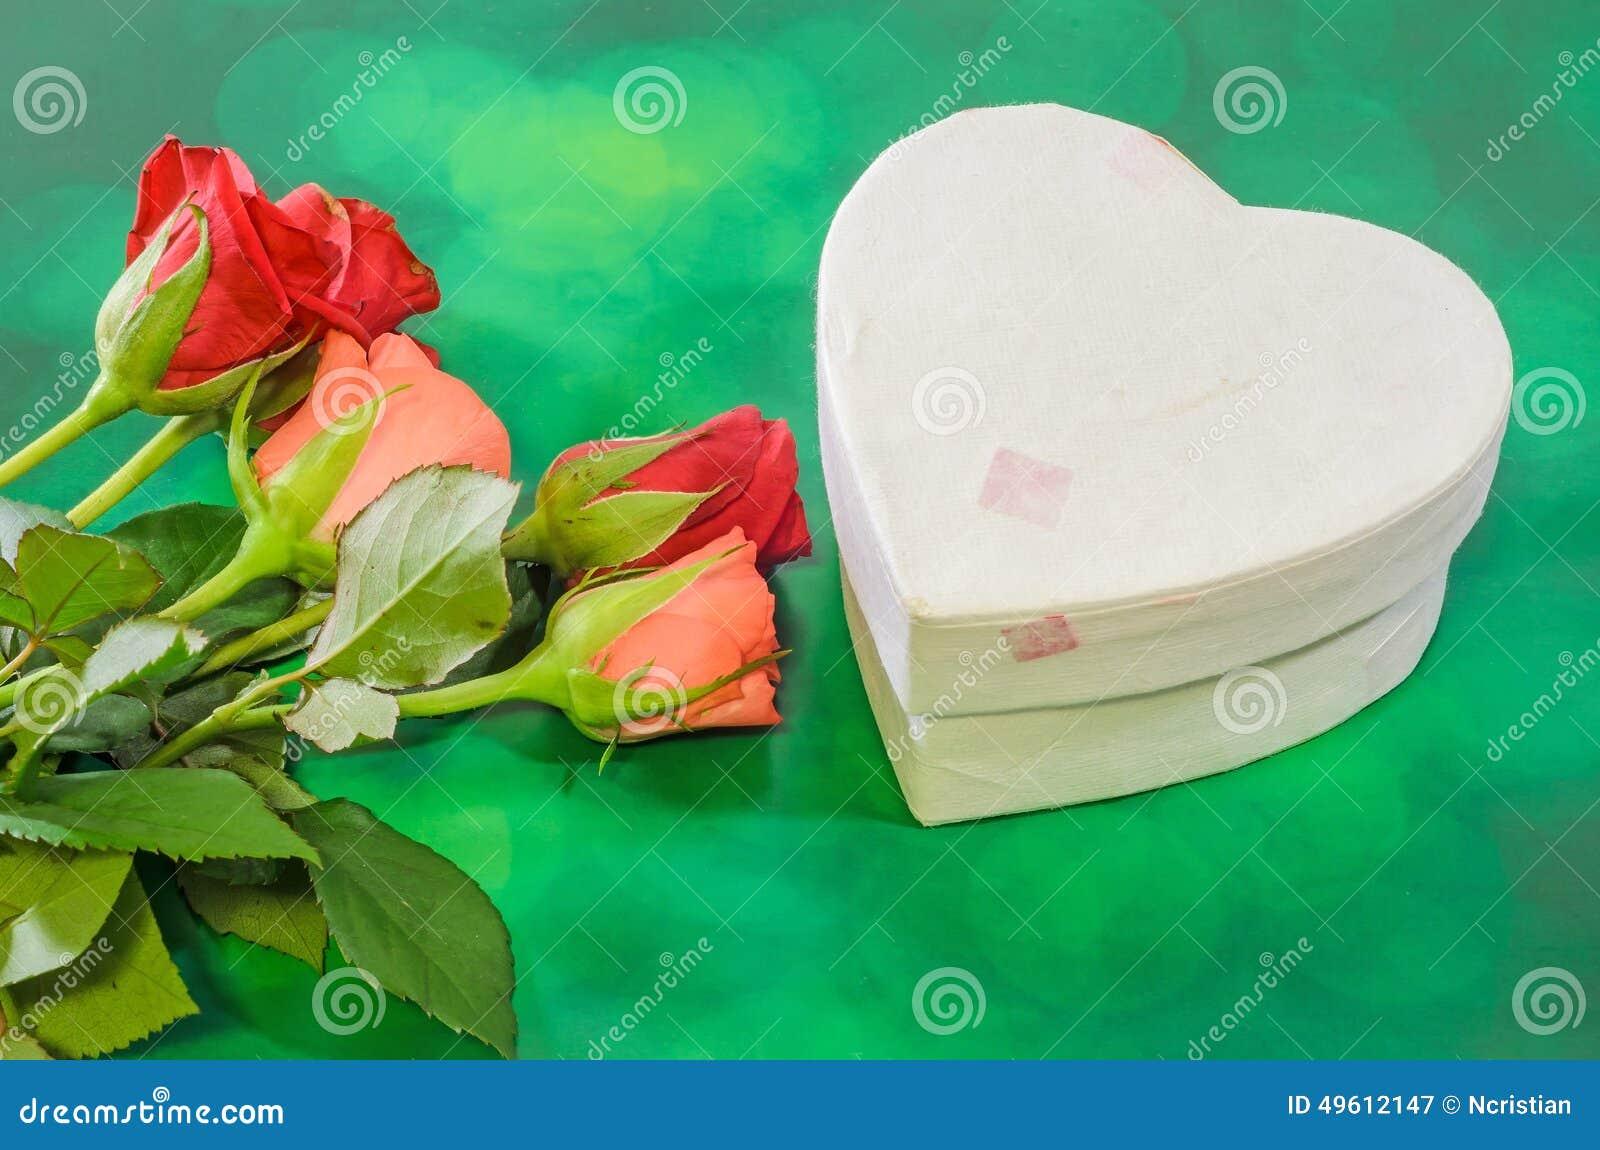 Τα κόκκινα και πορτοκαλιά λουλούδια τριαντάφυλλων με το κιβώτιο μορφής καρδιών, ημέρα βαλεντίνων, υπόβαθρο πράσινου φωτός bokeh,